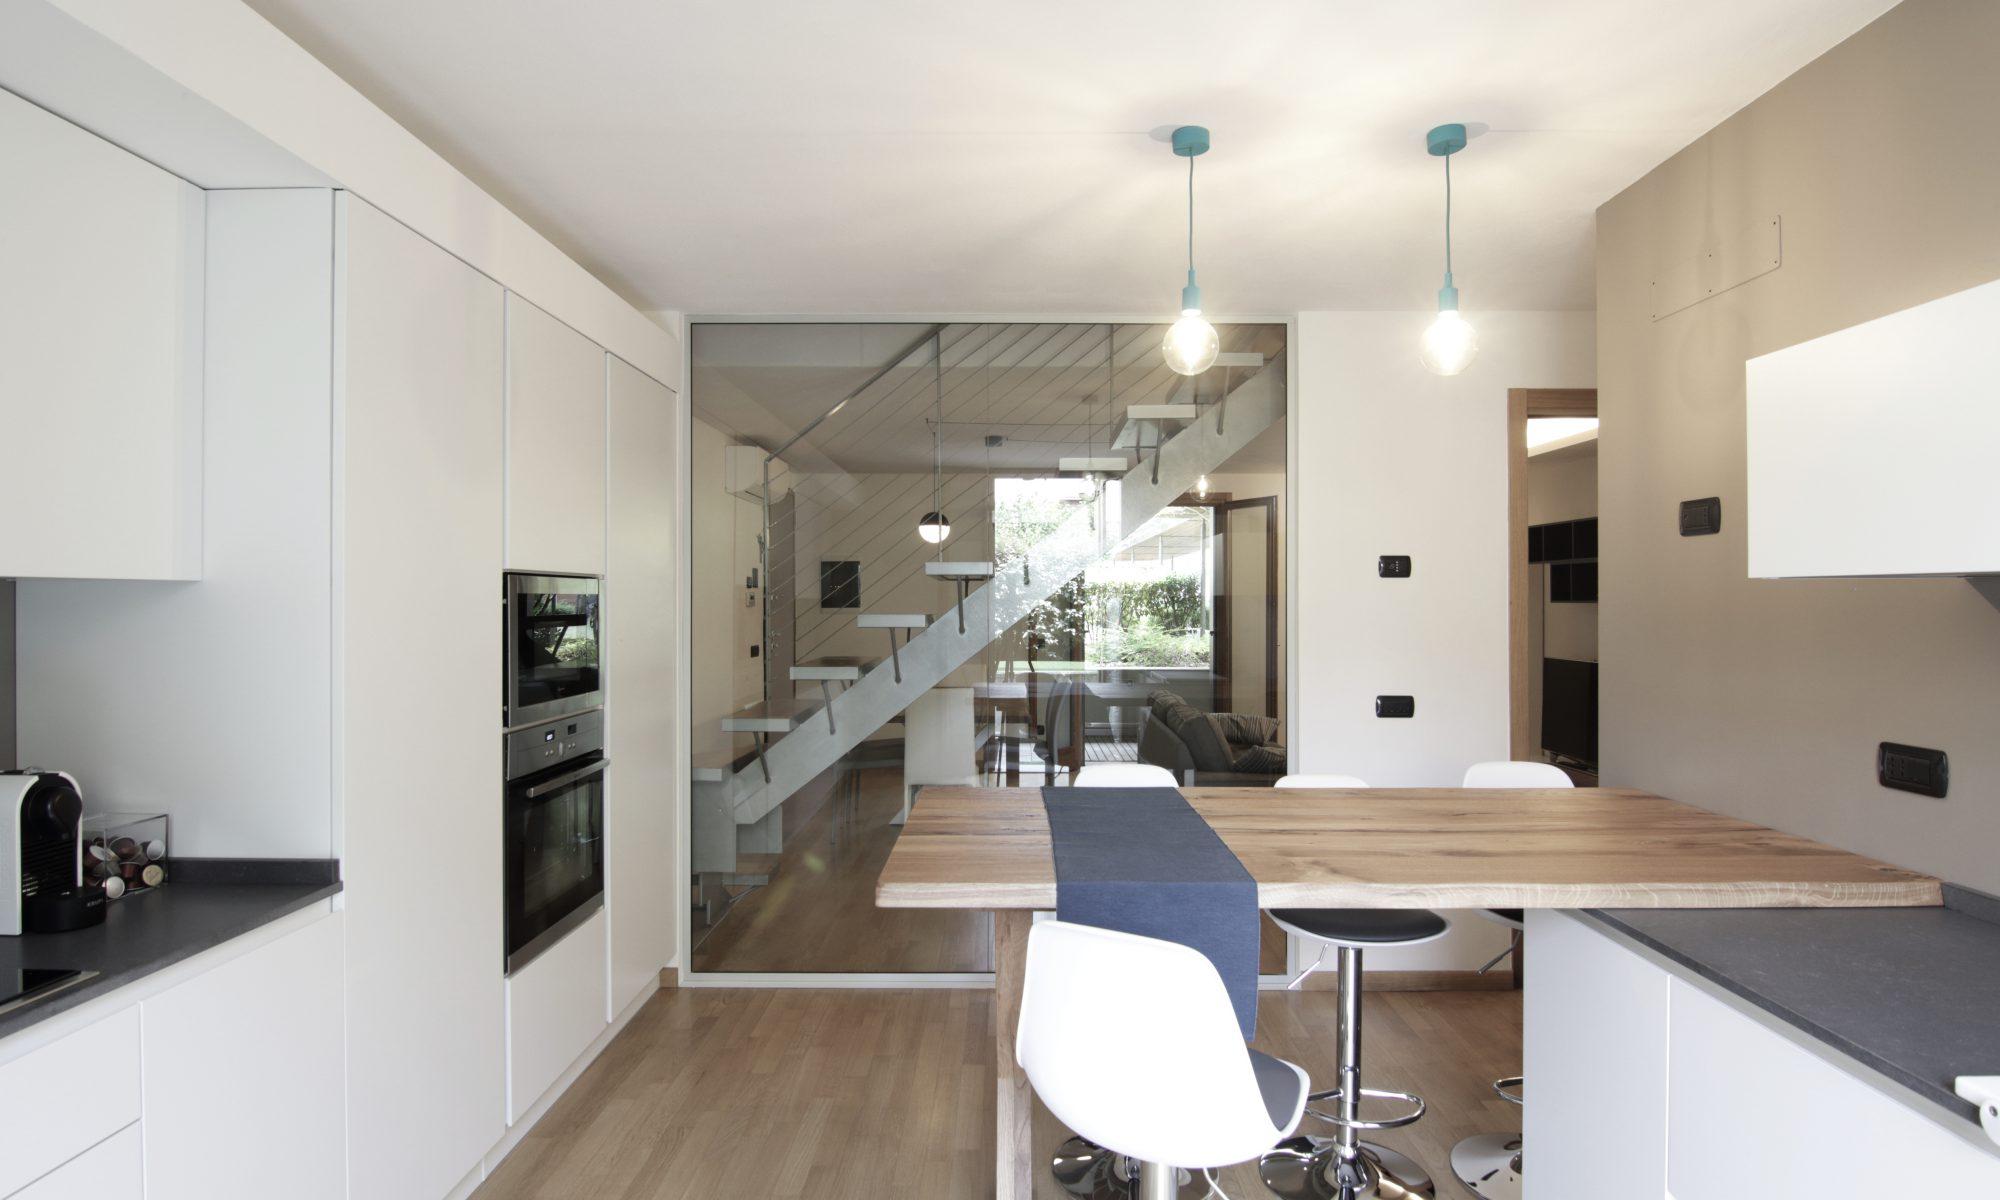 architetto interni sassuolo modena design